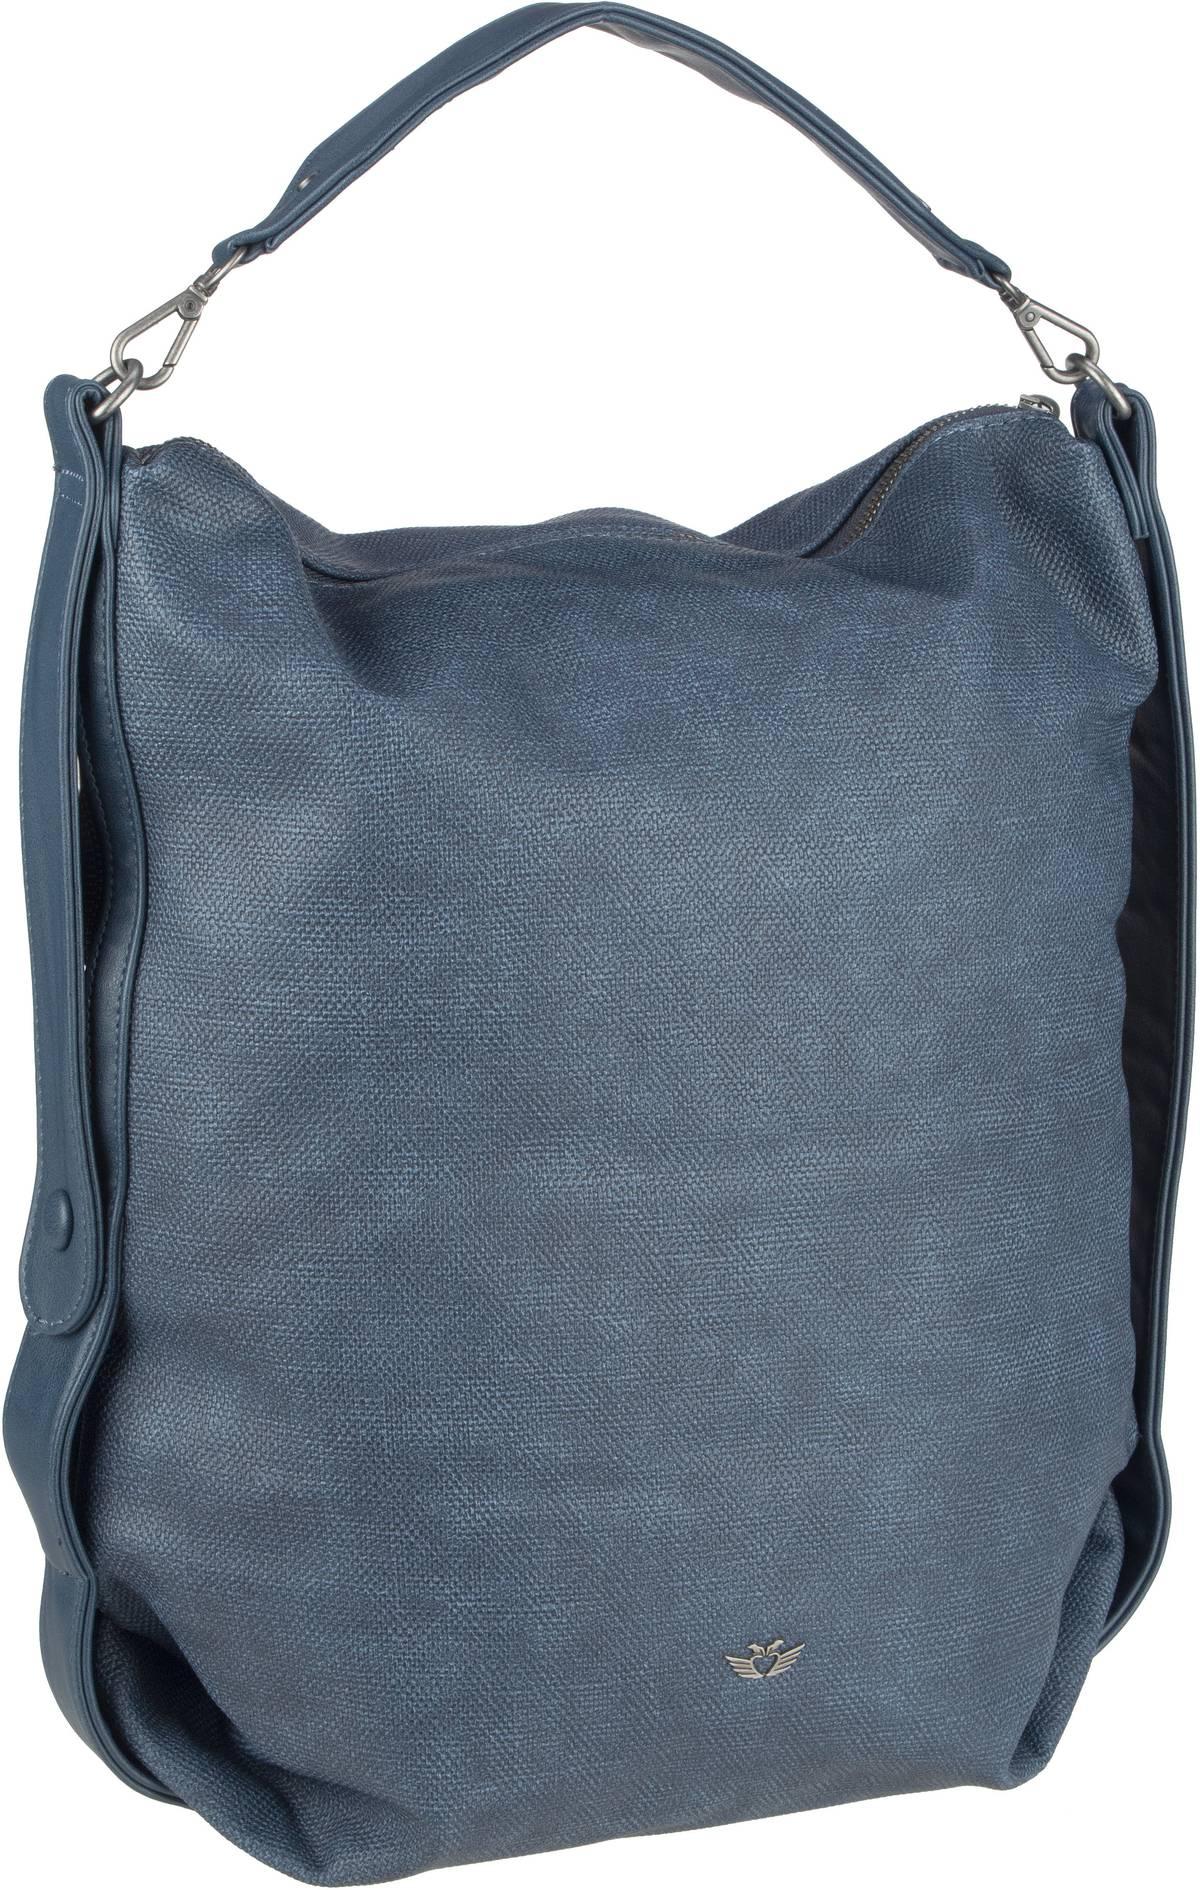 Handtasche Ava Pixley Navy